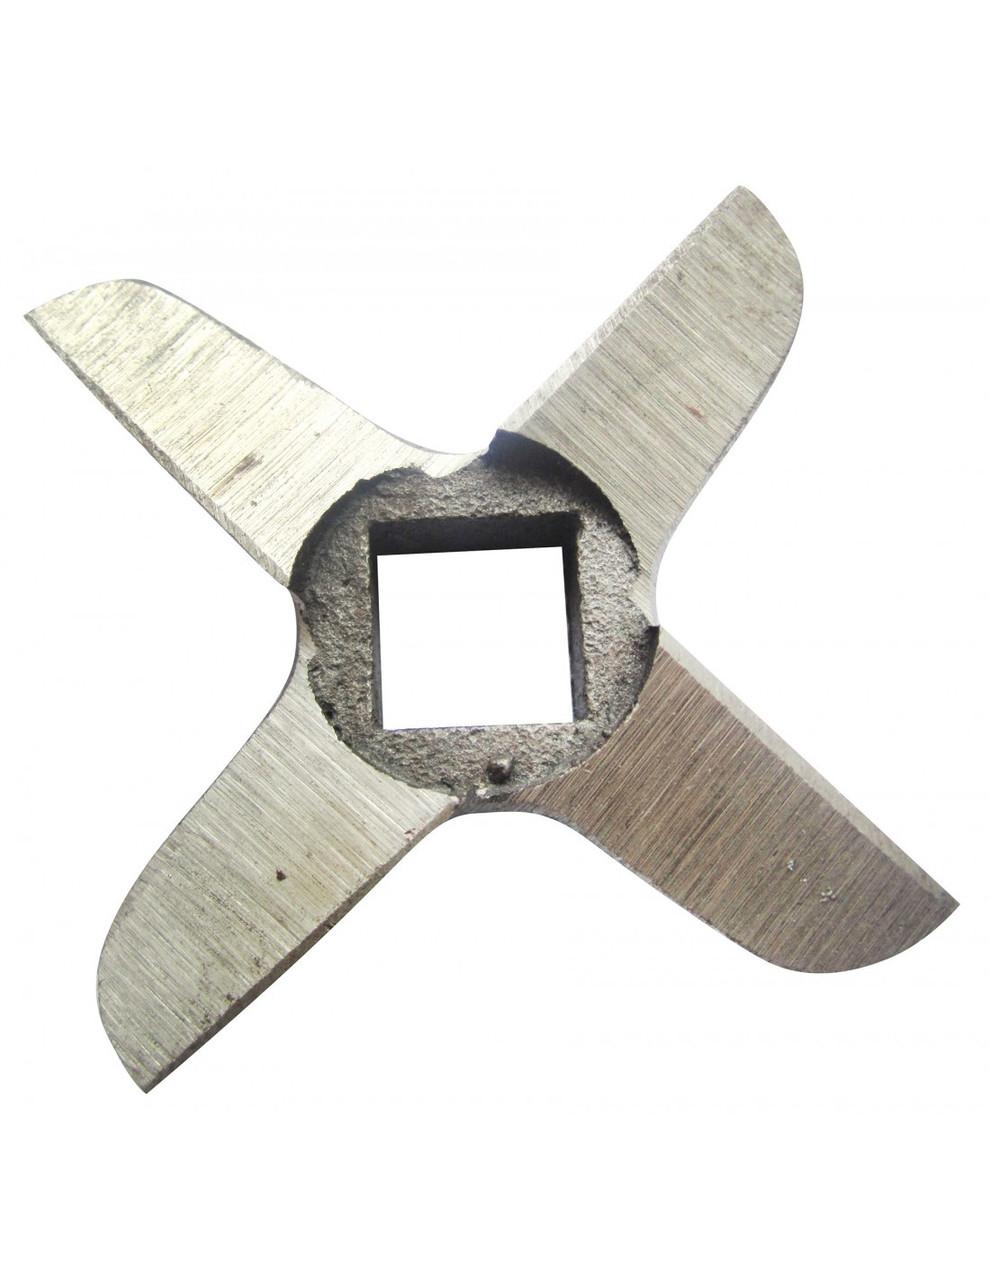 meat mincer grinder knife blade size 10